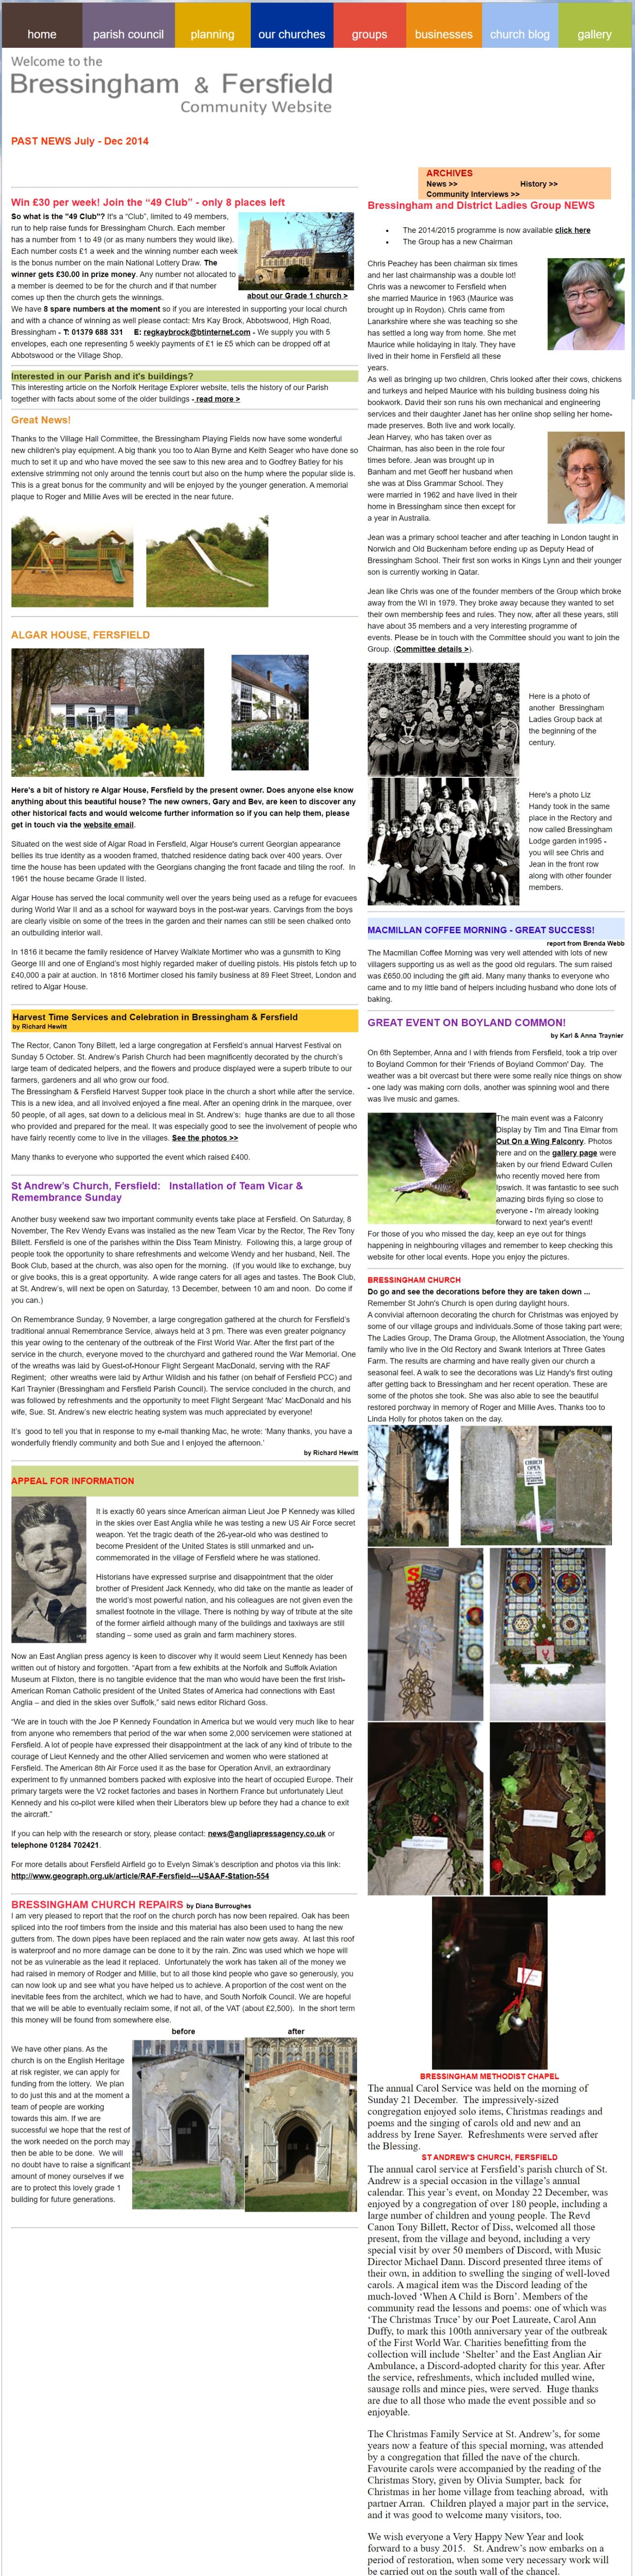 Past News Jul-Dec 2014